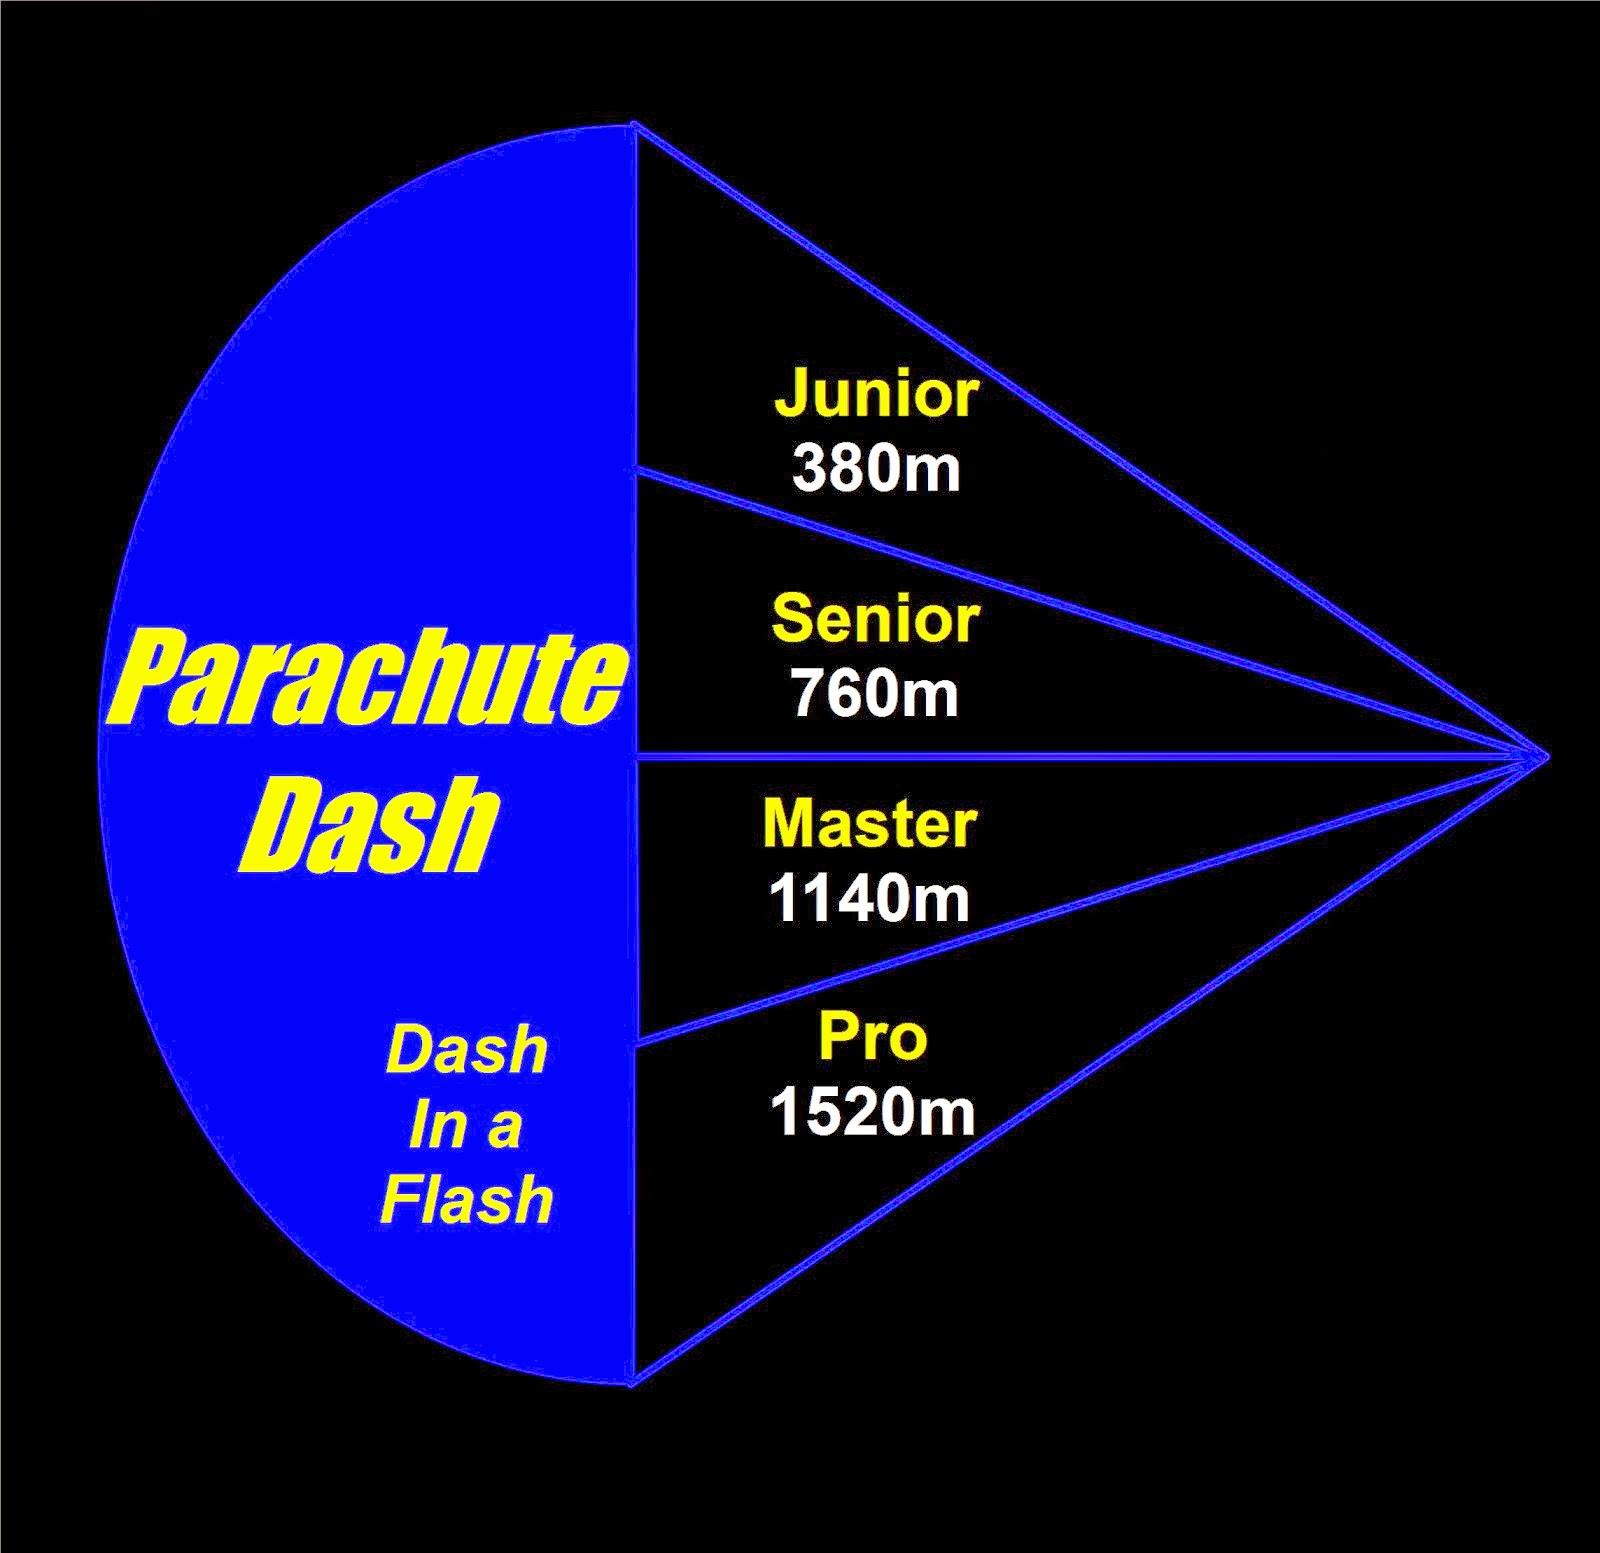 Parachute Dash